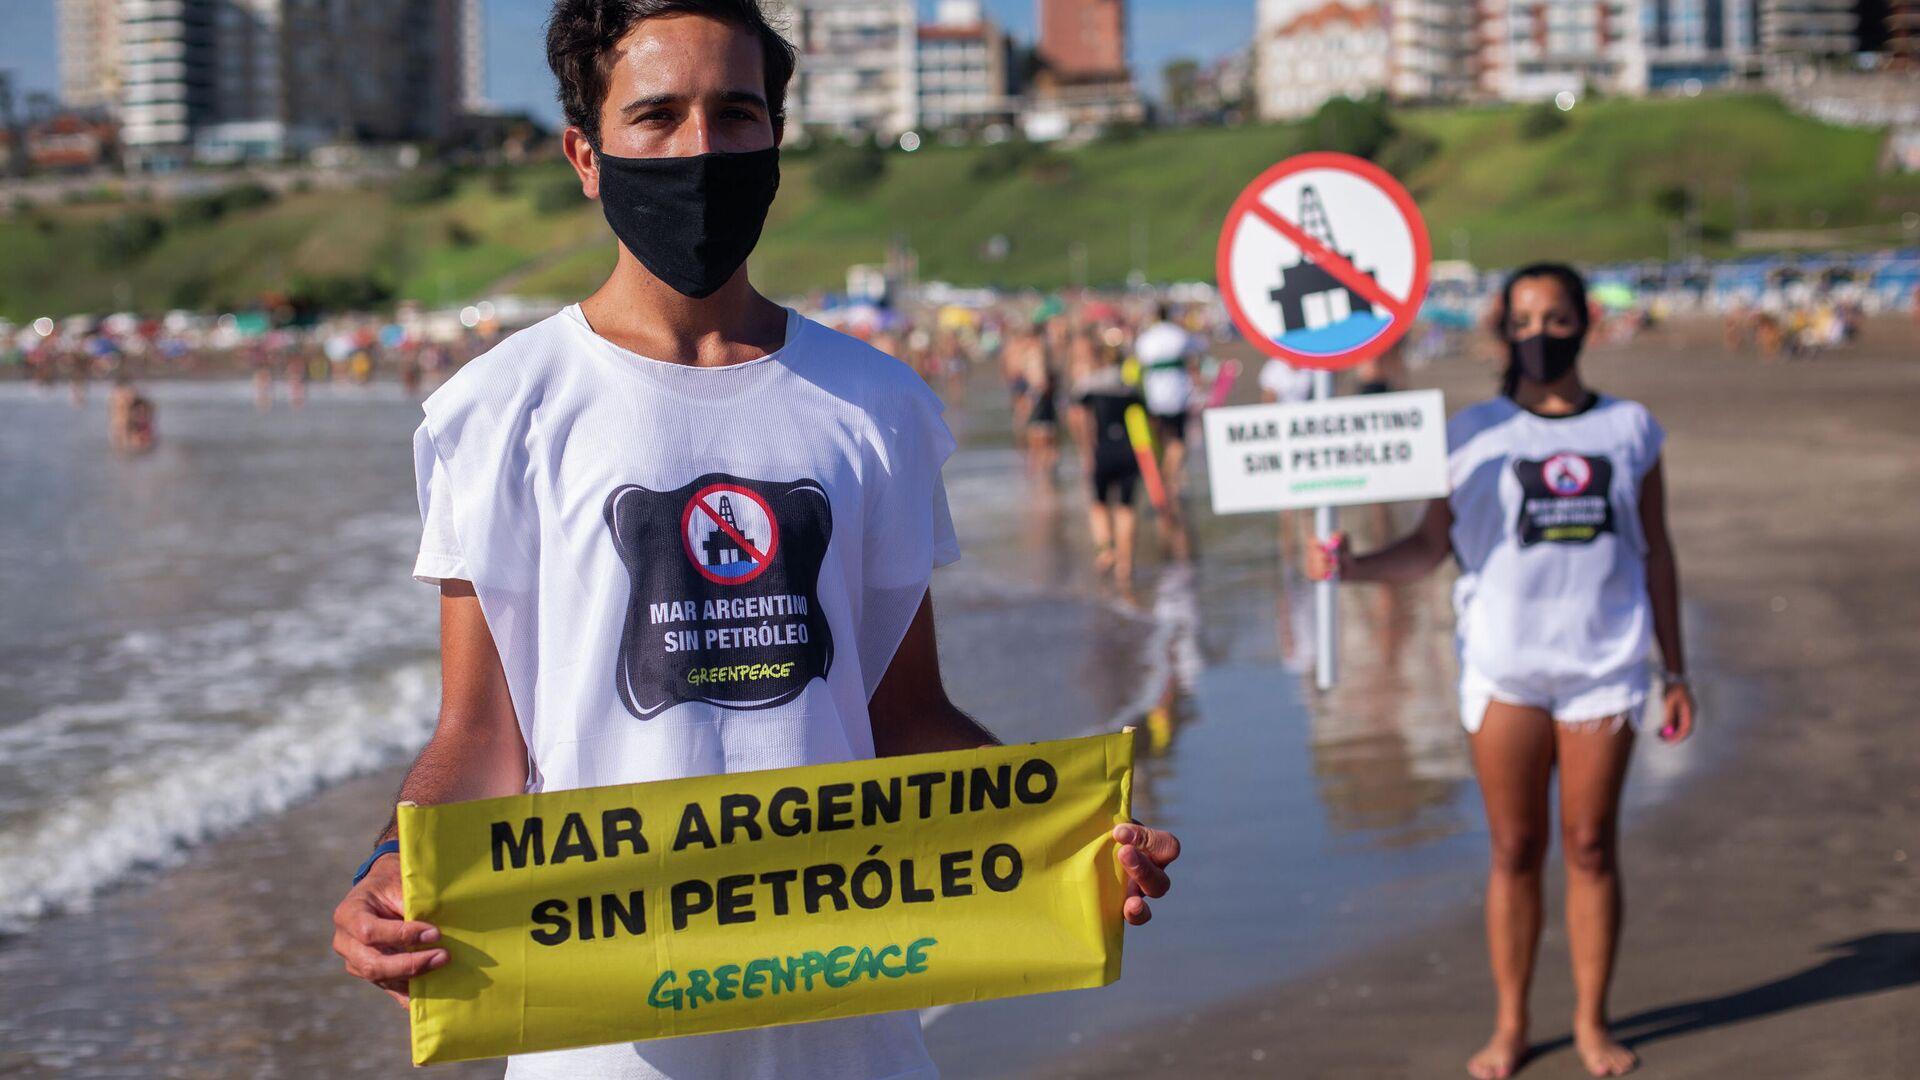 Es inminente la perforación offshore en el corredor biológico del Mar Argentino, candidato a zona marina protegida - Sputnik Mundo, 1920, 04.06.2021